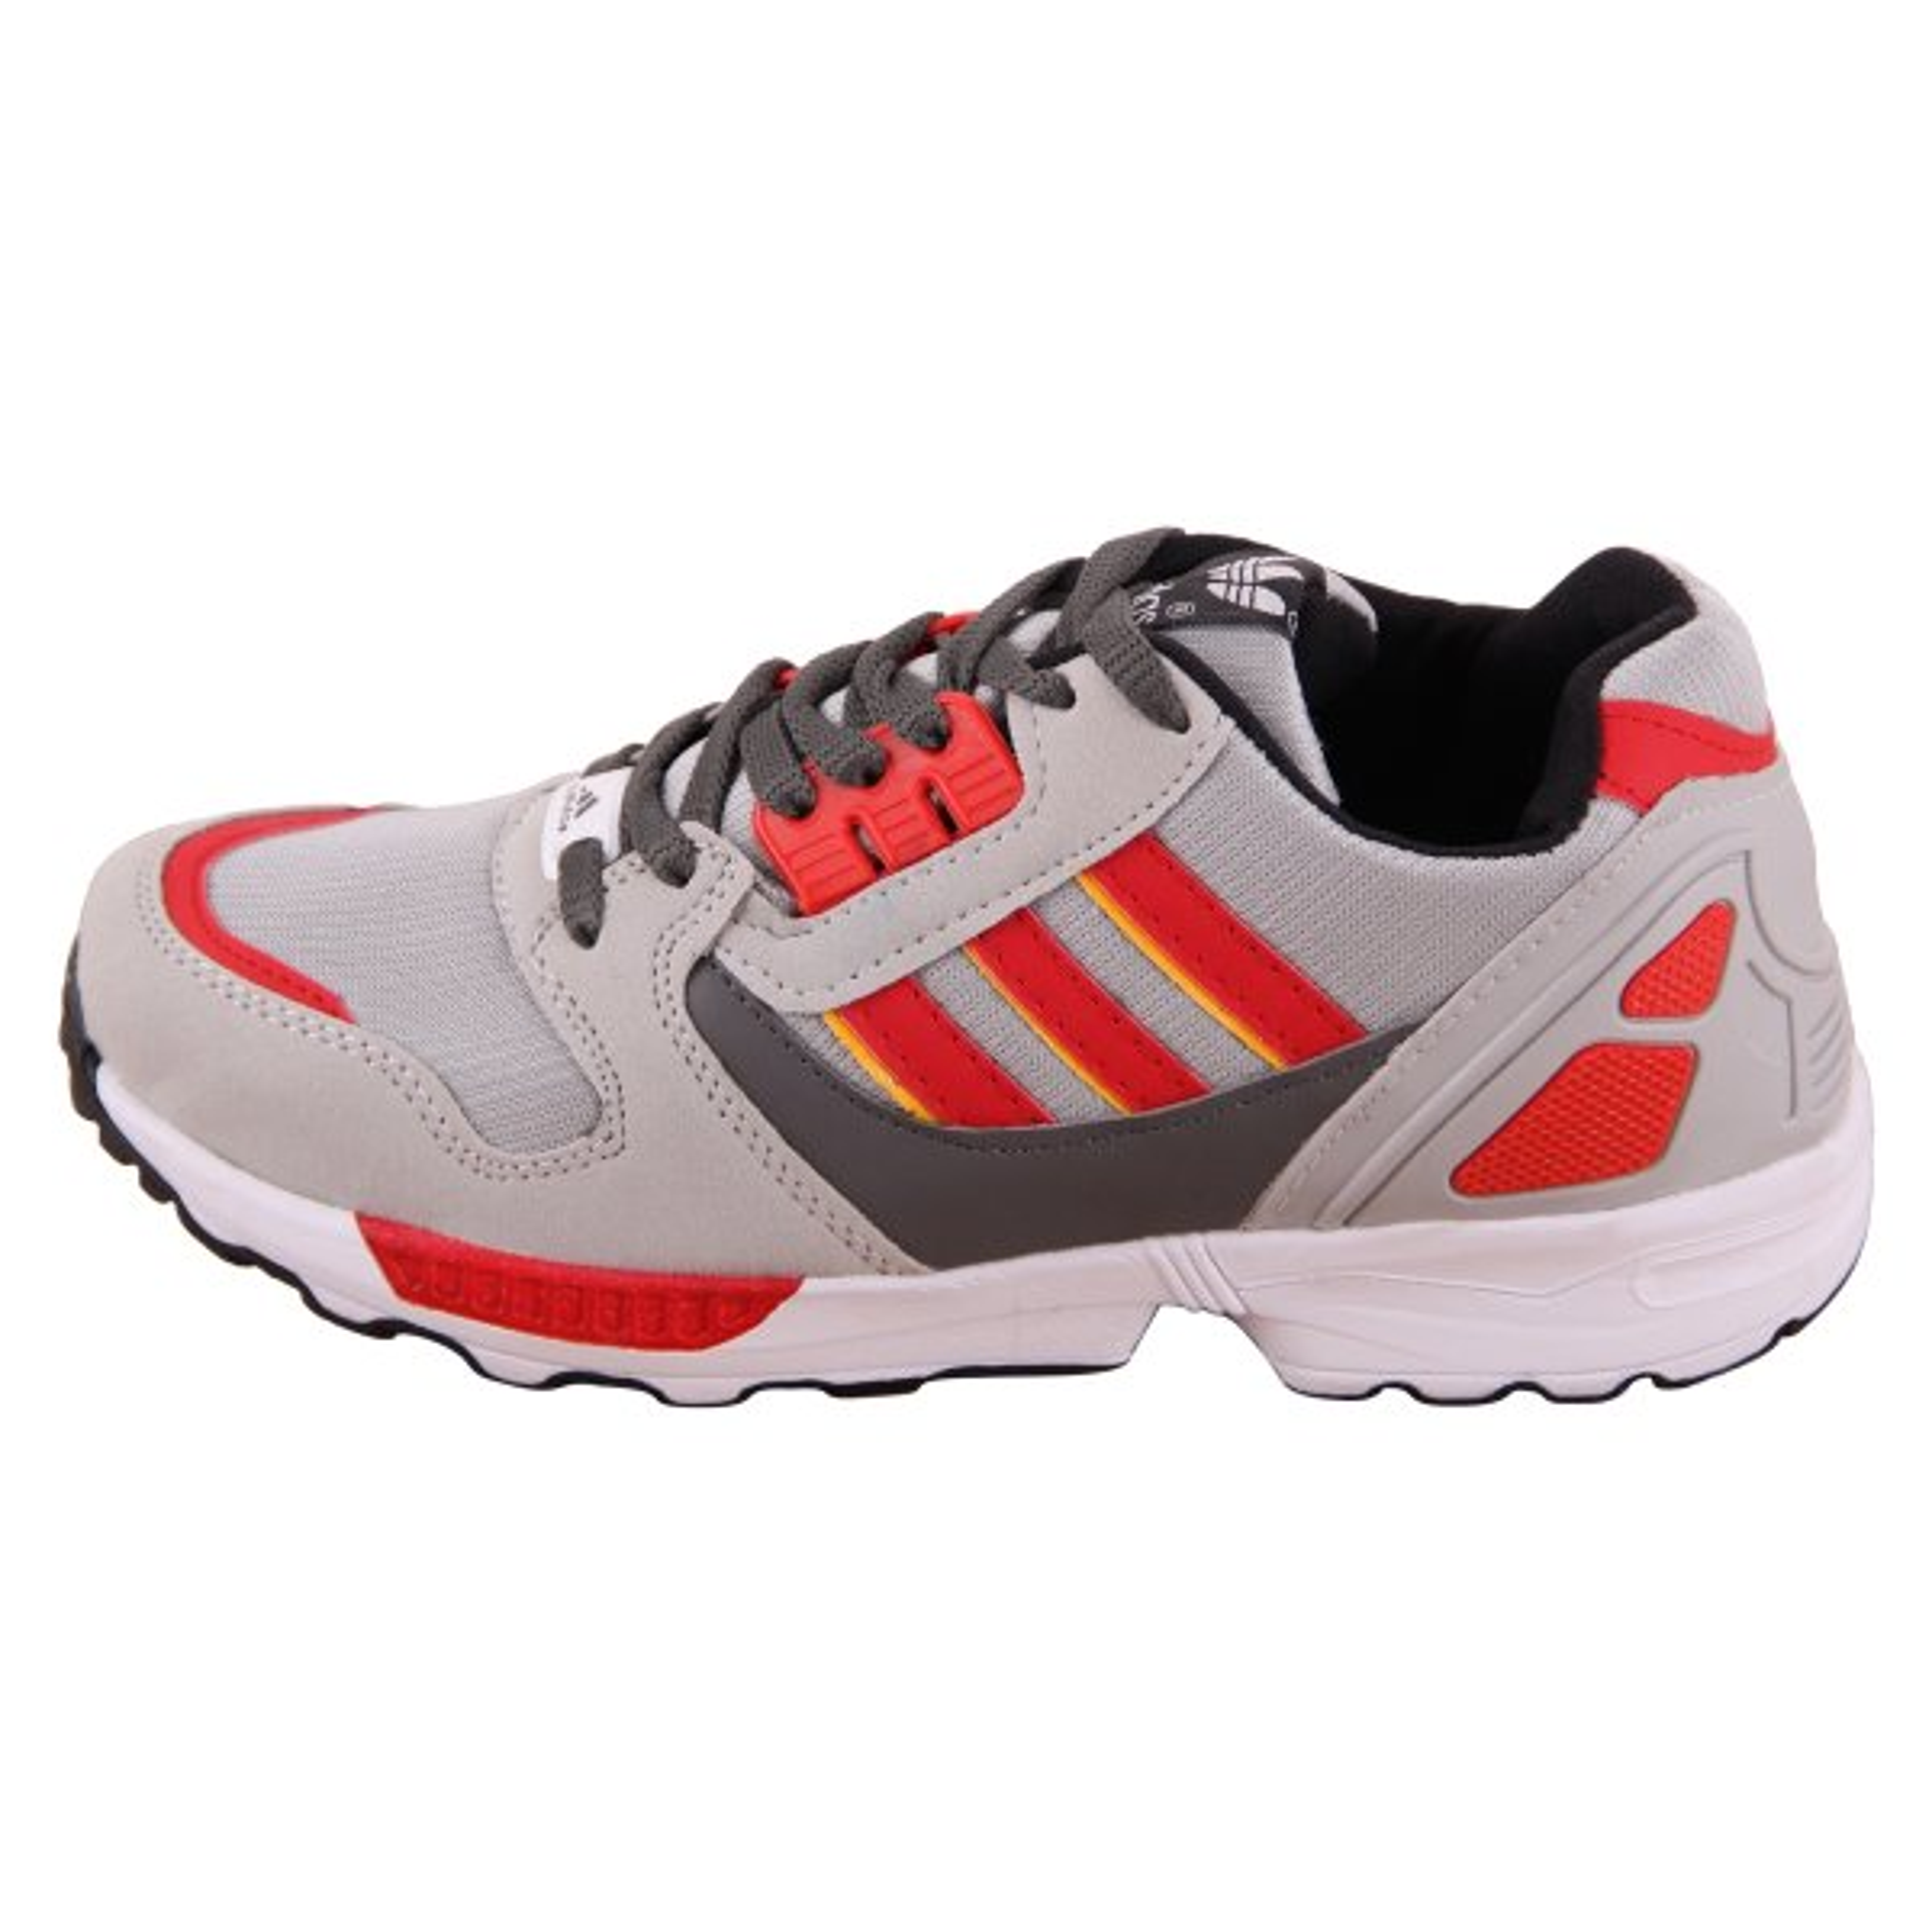 کفش مخصوص پیاده روی مردانه کد 7-39720